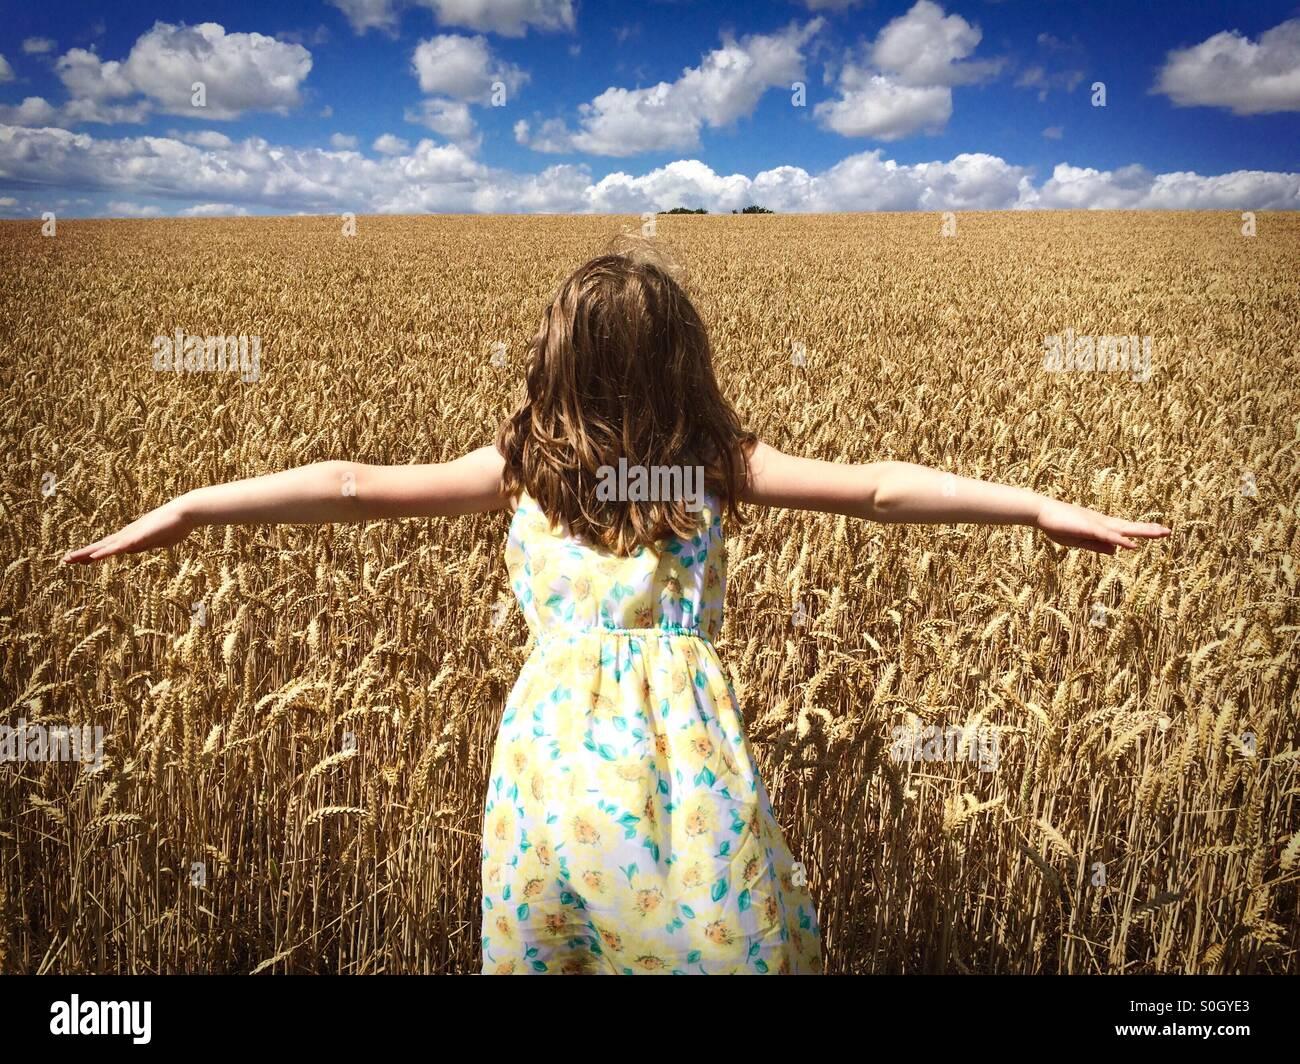 Chica en Maizal Imagen De Stock